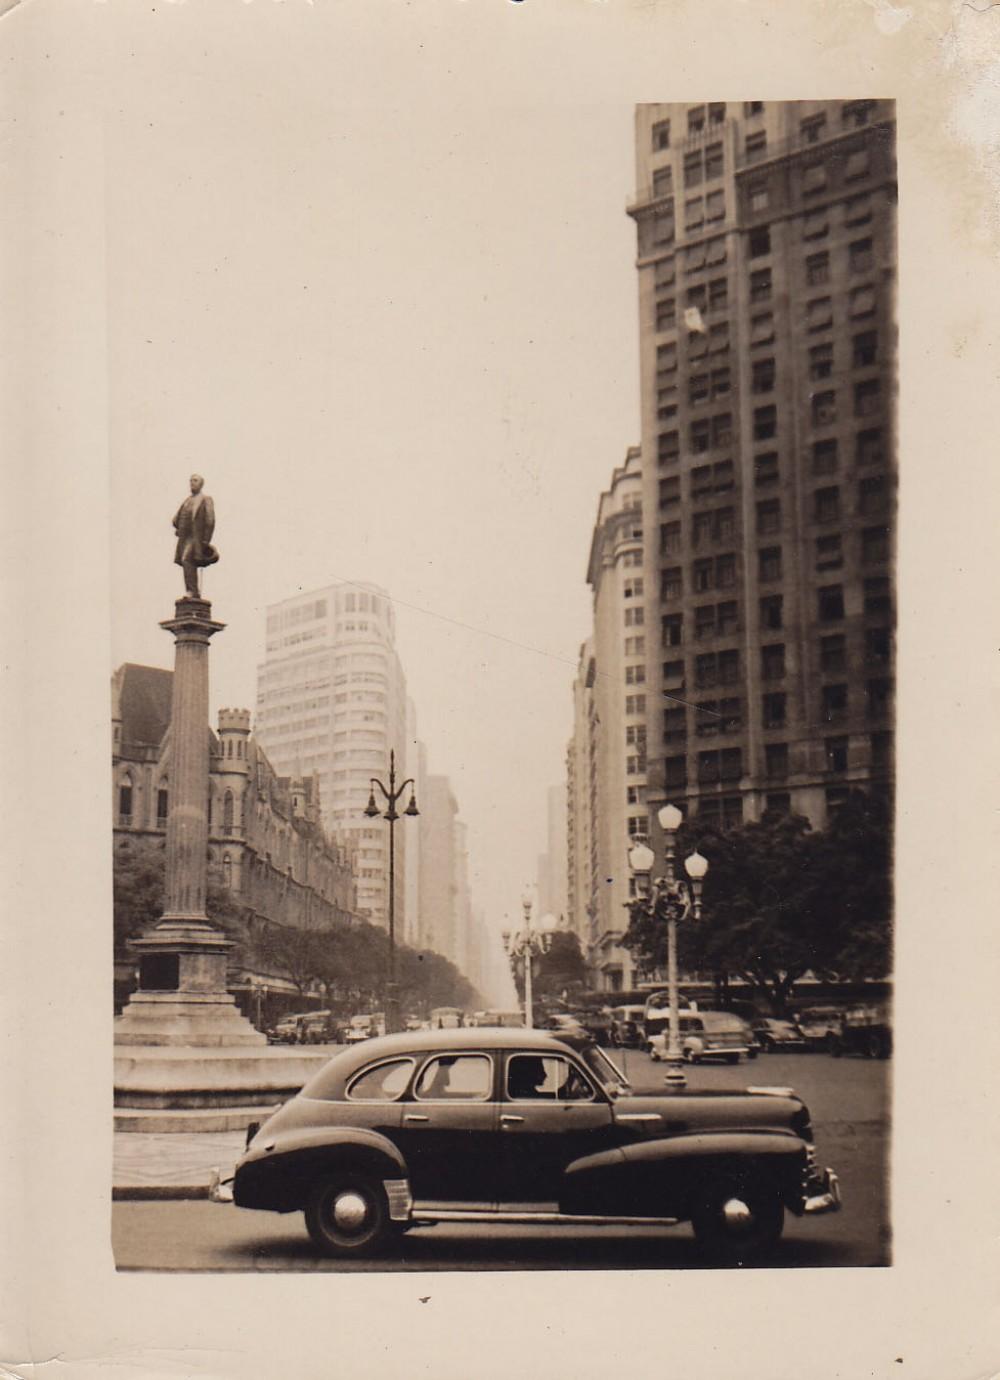 Paminklas miesto aikštėje. Brazilija, apie 1946–1950 m.